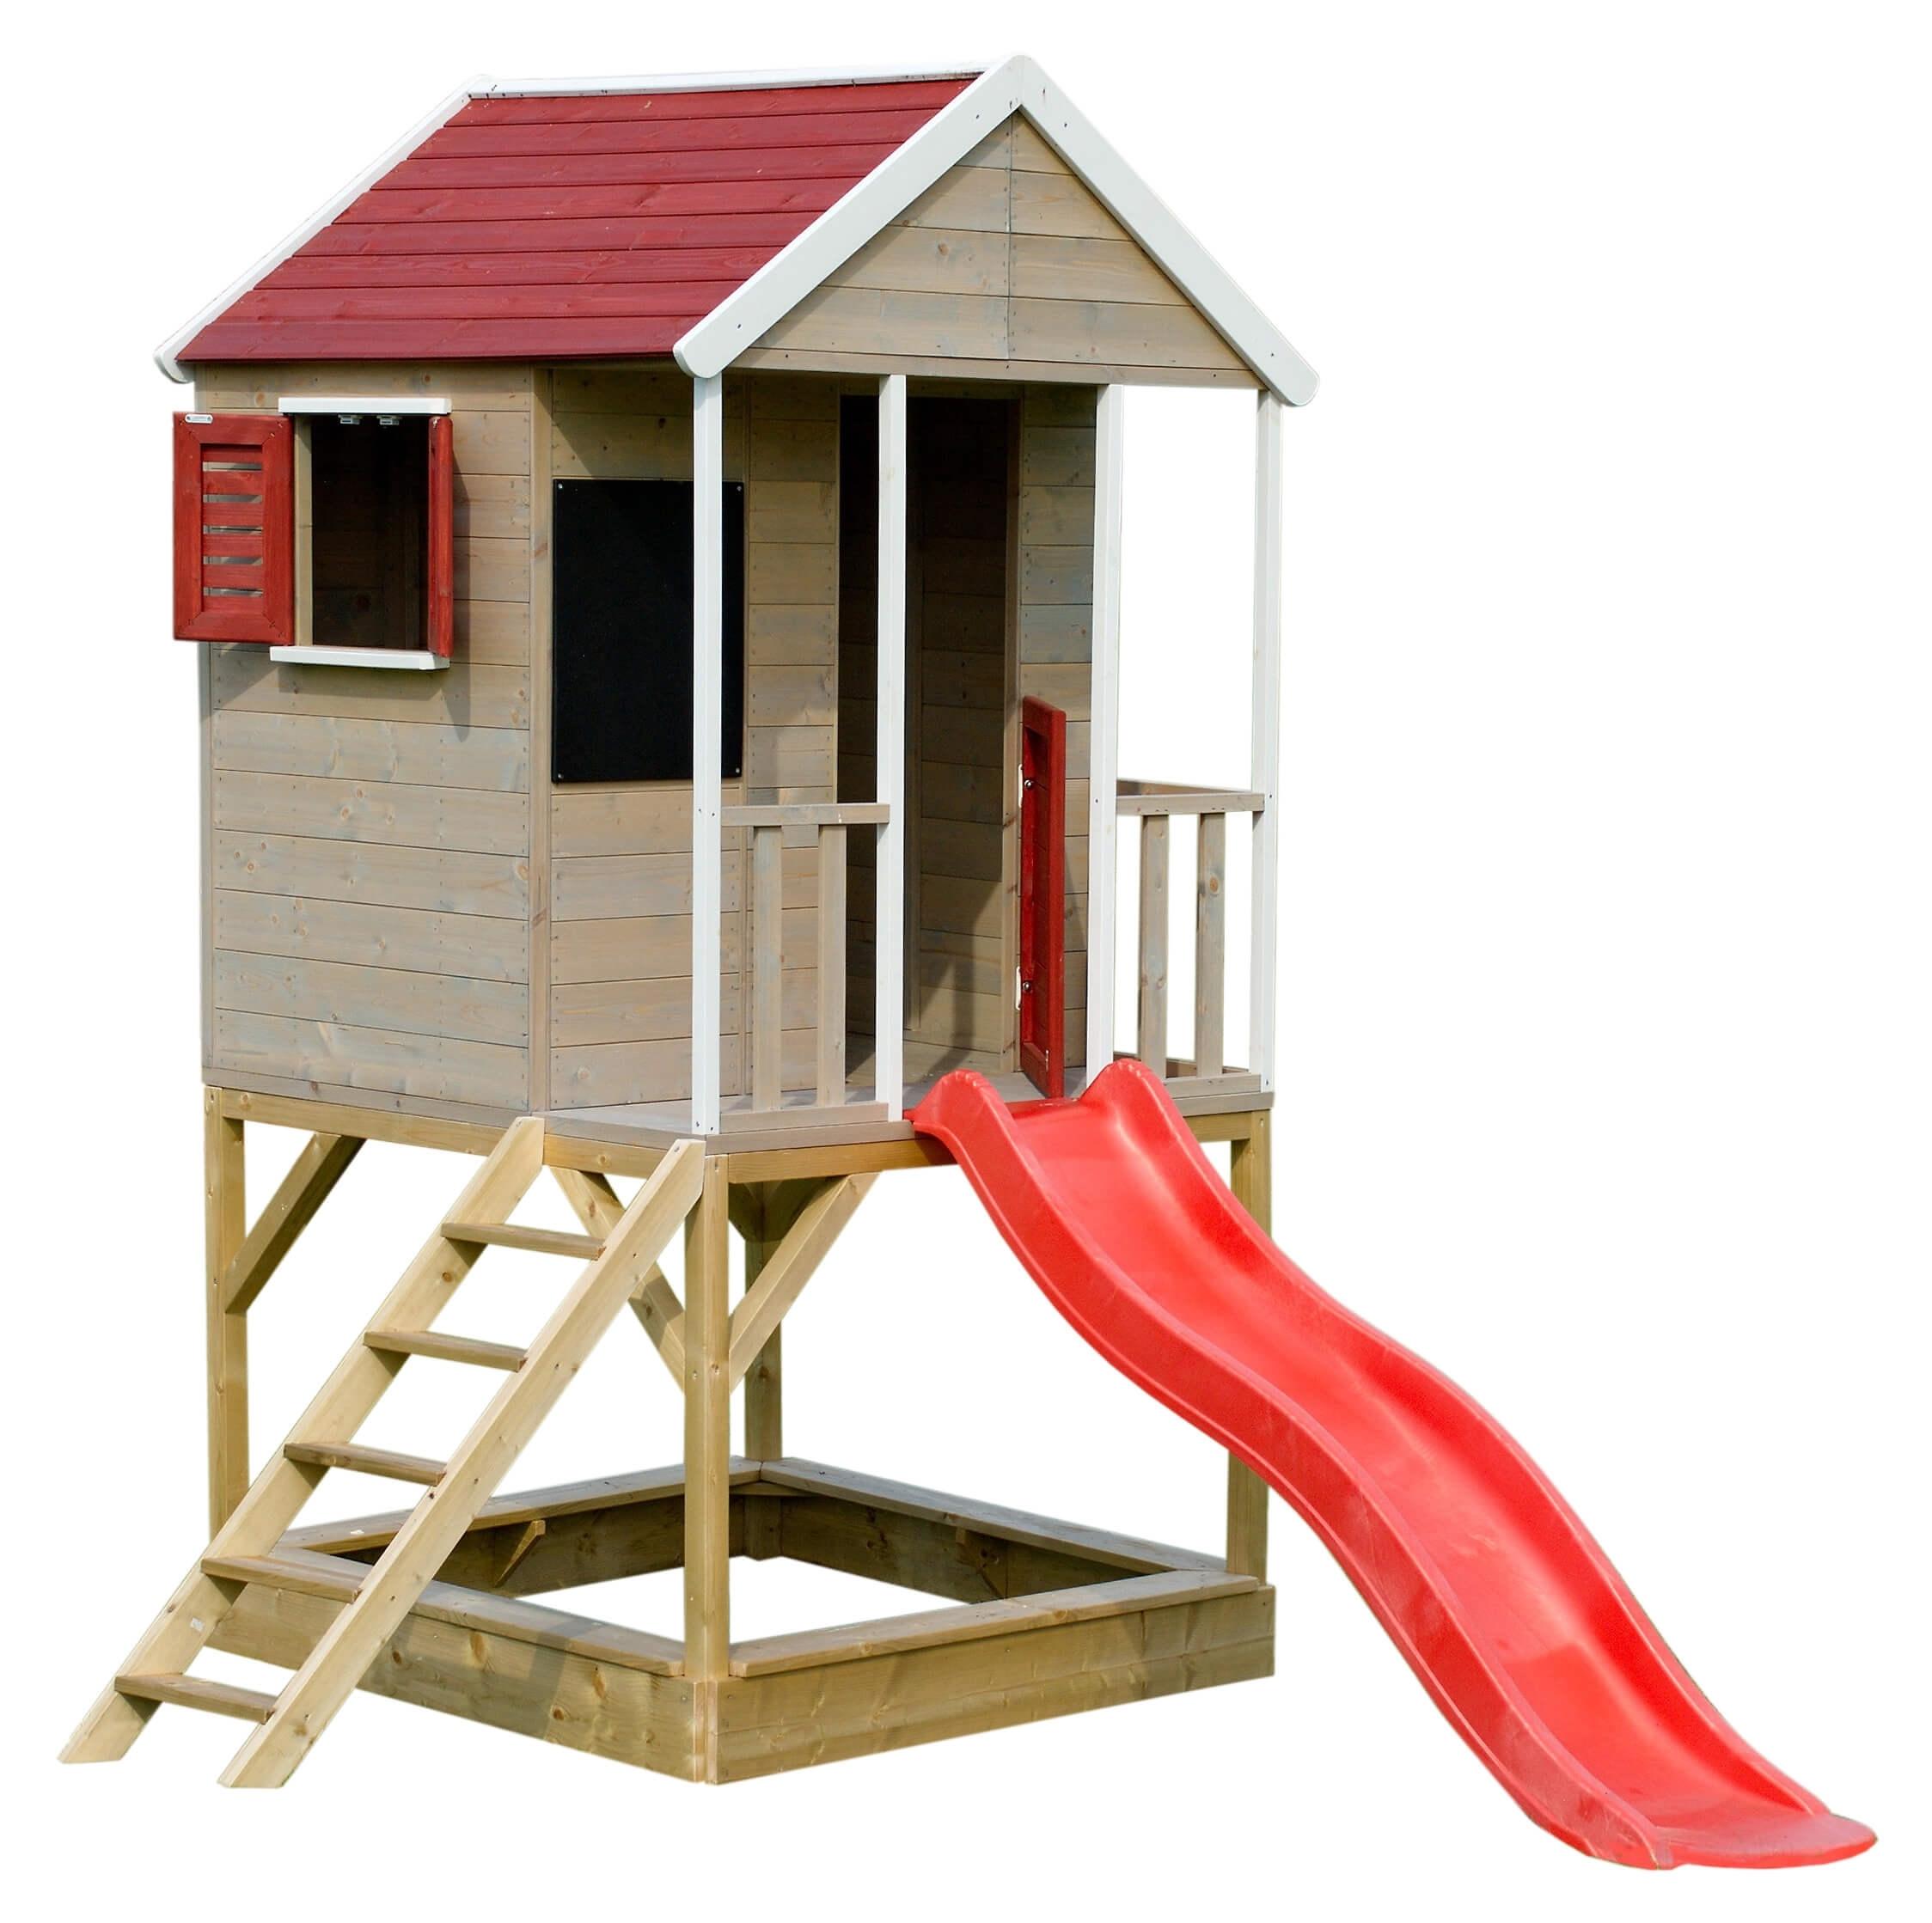 MARIMEX Dětský dřevěný domeček Veranda se skluzavkou MARIMEX 11640361